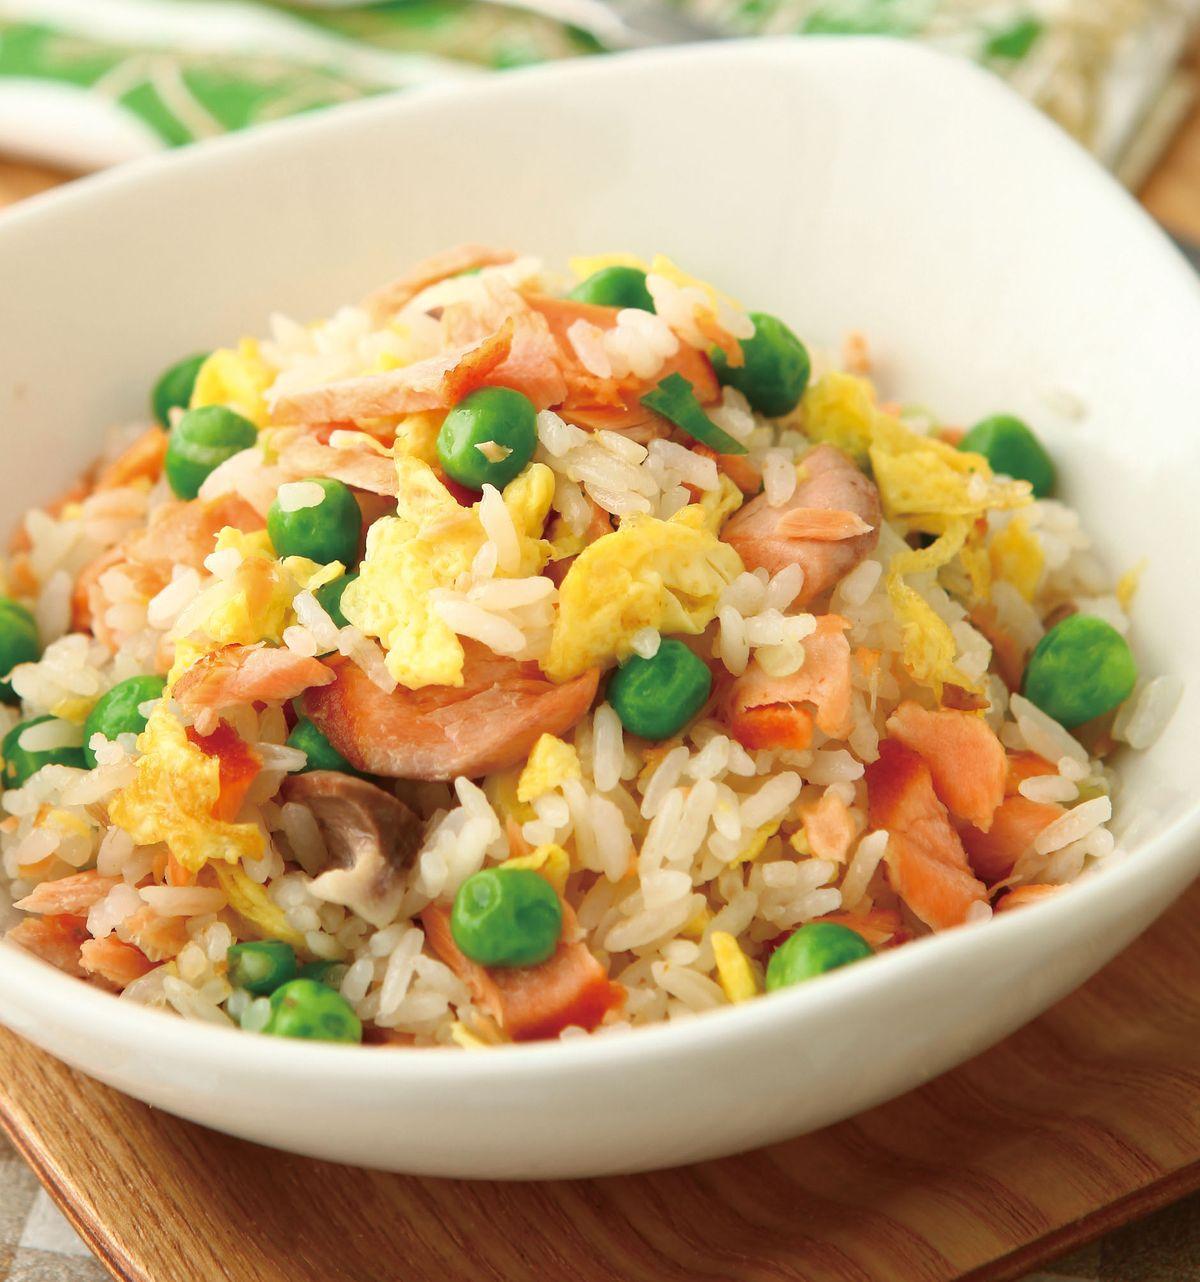 食譜:鮭魚炒飯(7)